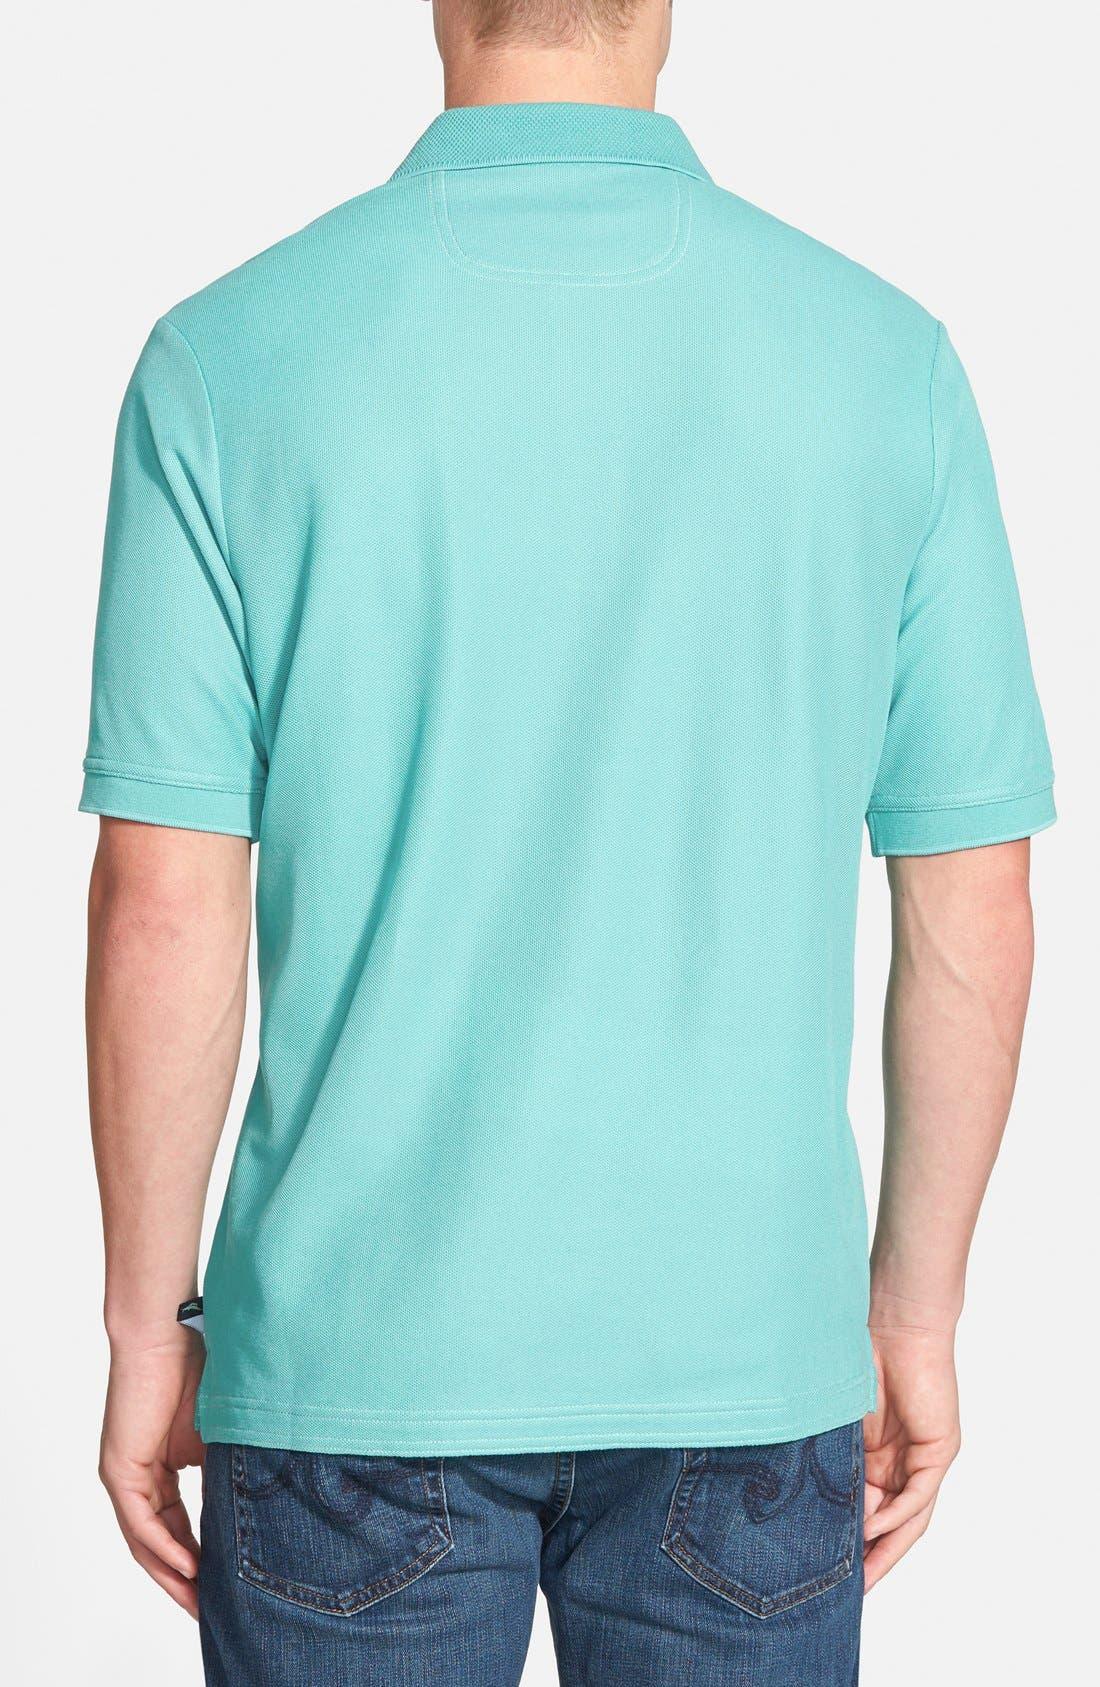 'The Emfielder' Original Fit Piqué Polo,                             Alternate thumbnail 2, color,                             Lawn Chair Blue